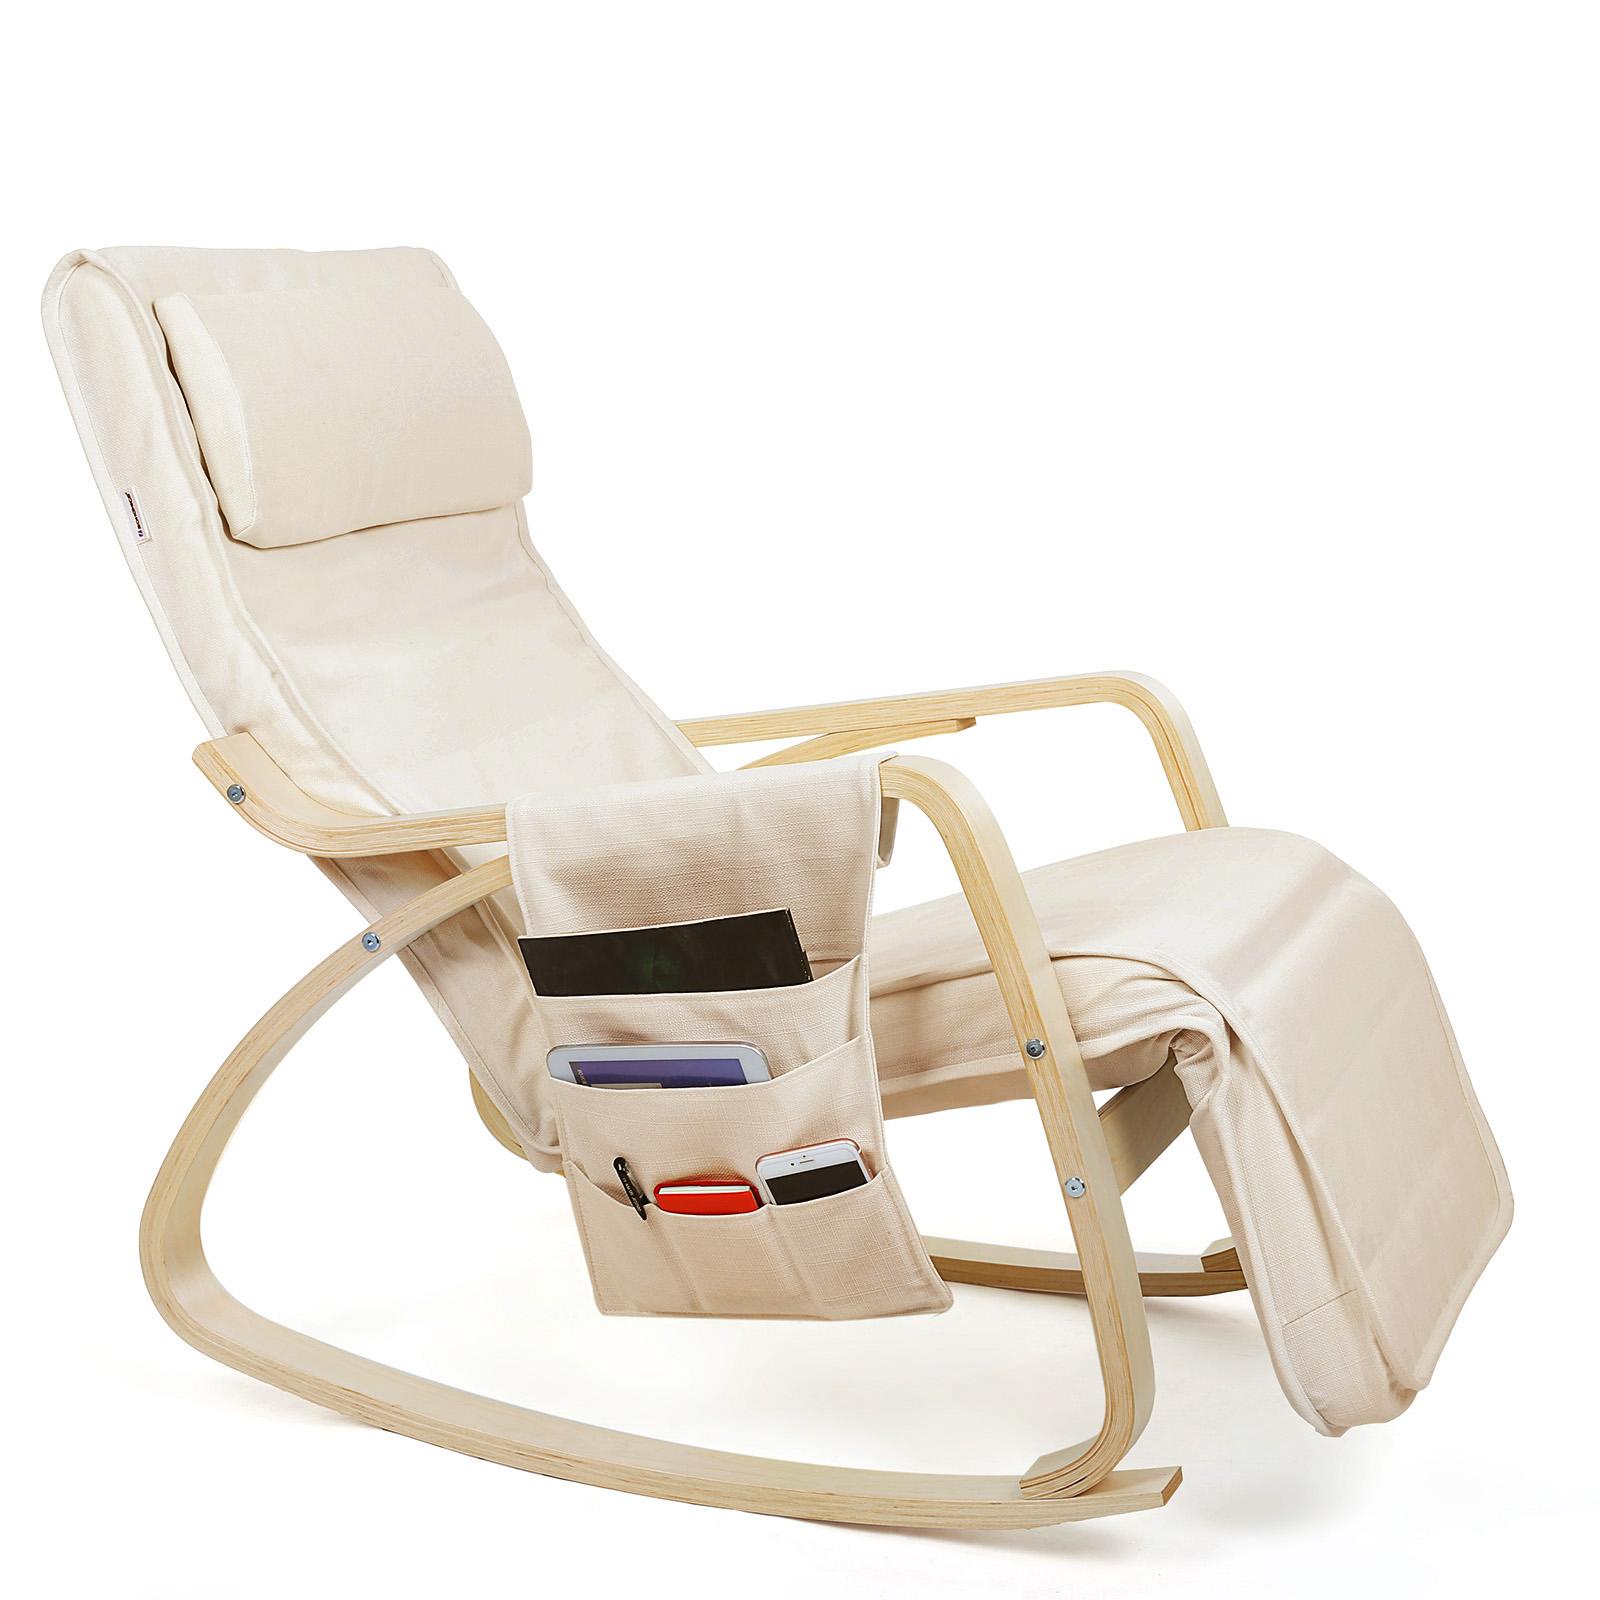 Songmics fauteuil bascule rocking chair avec repose for Chaise confortable pour le dos